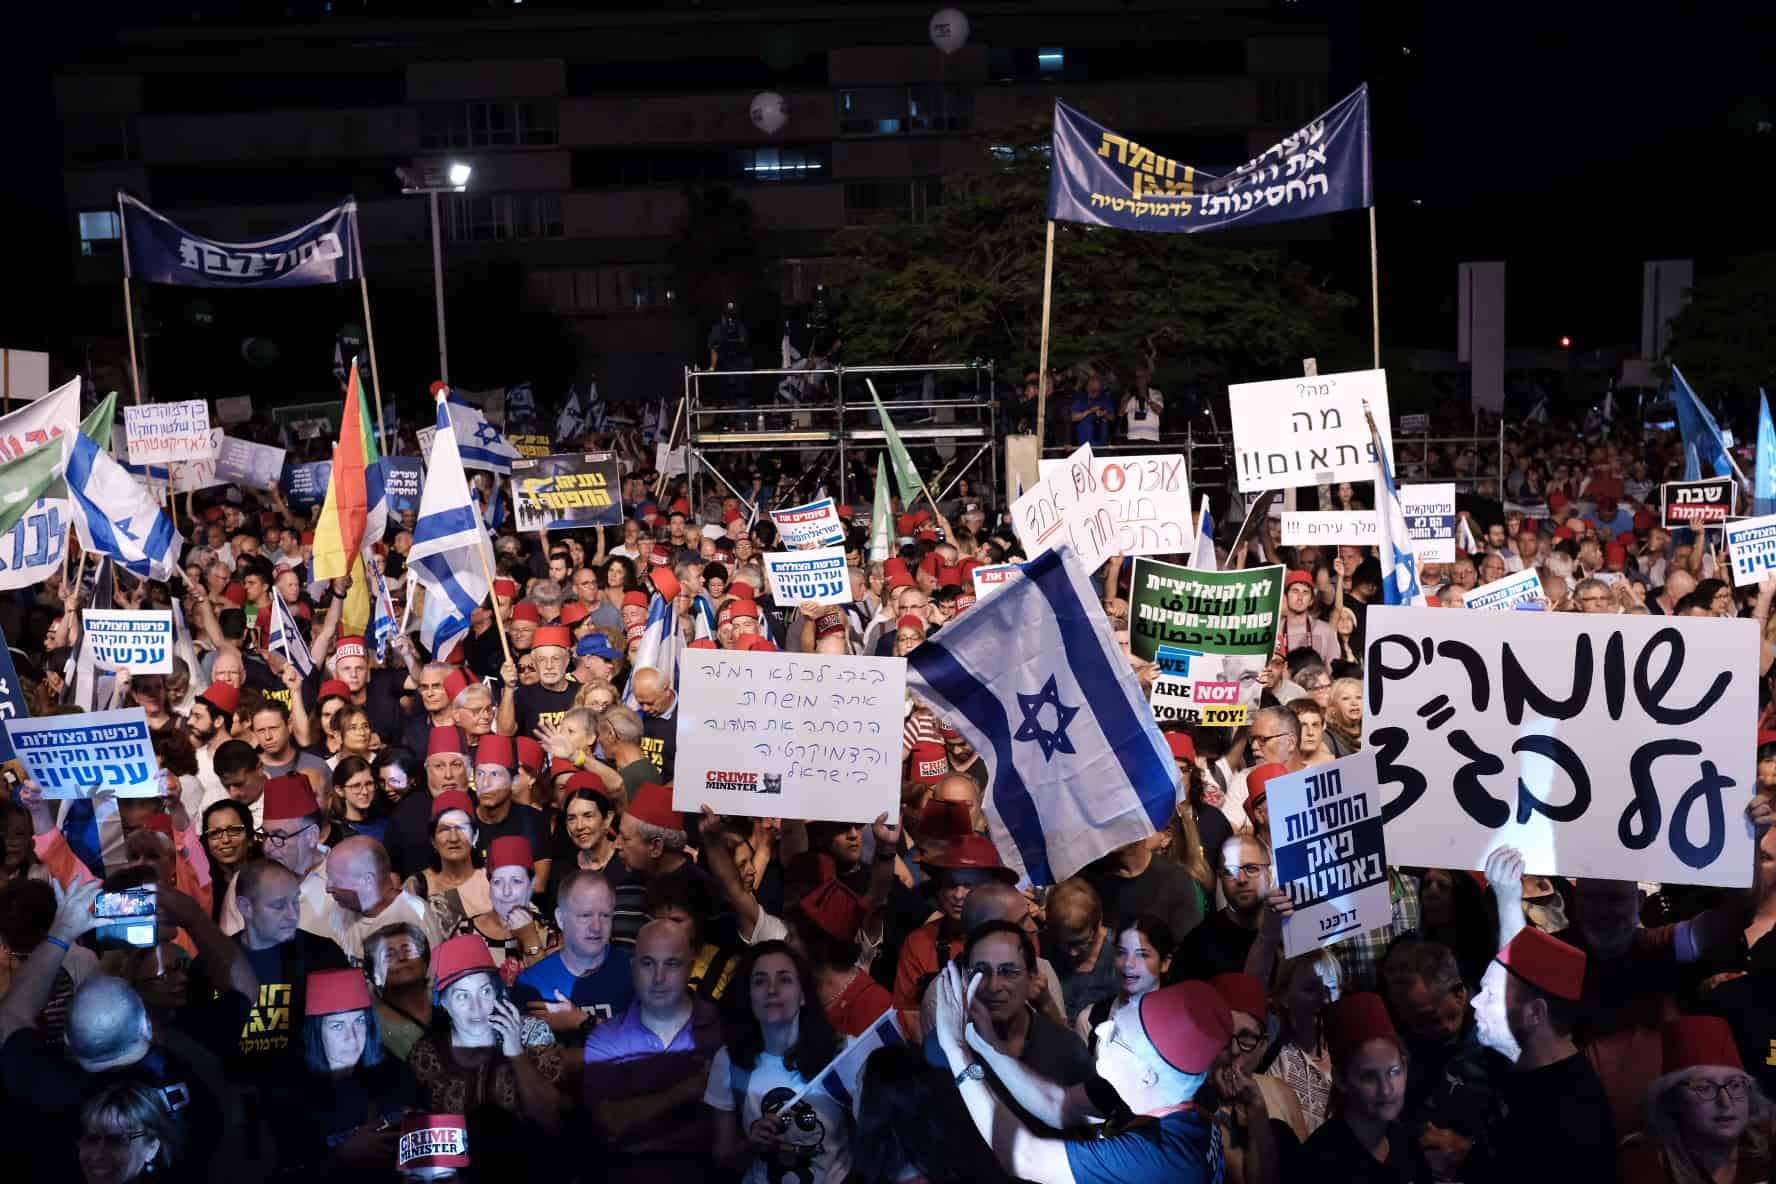 הפגנת האופוזיציה ברחבת מוזיאון תל אביב (צילום: Neuberg/Flash90)